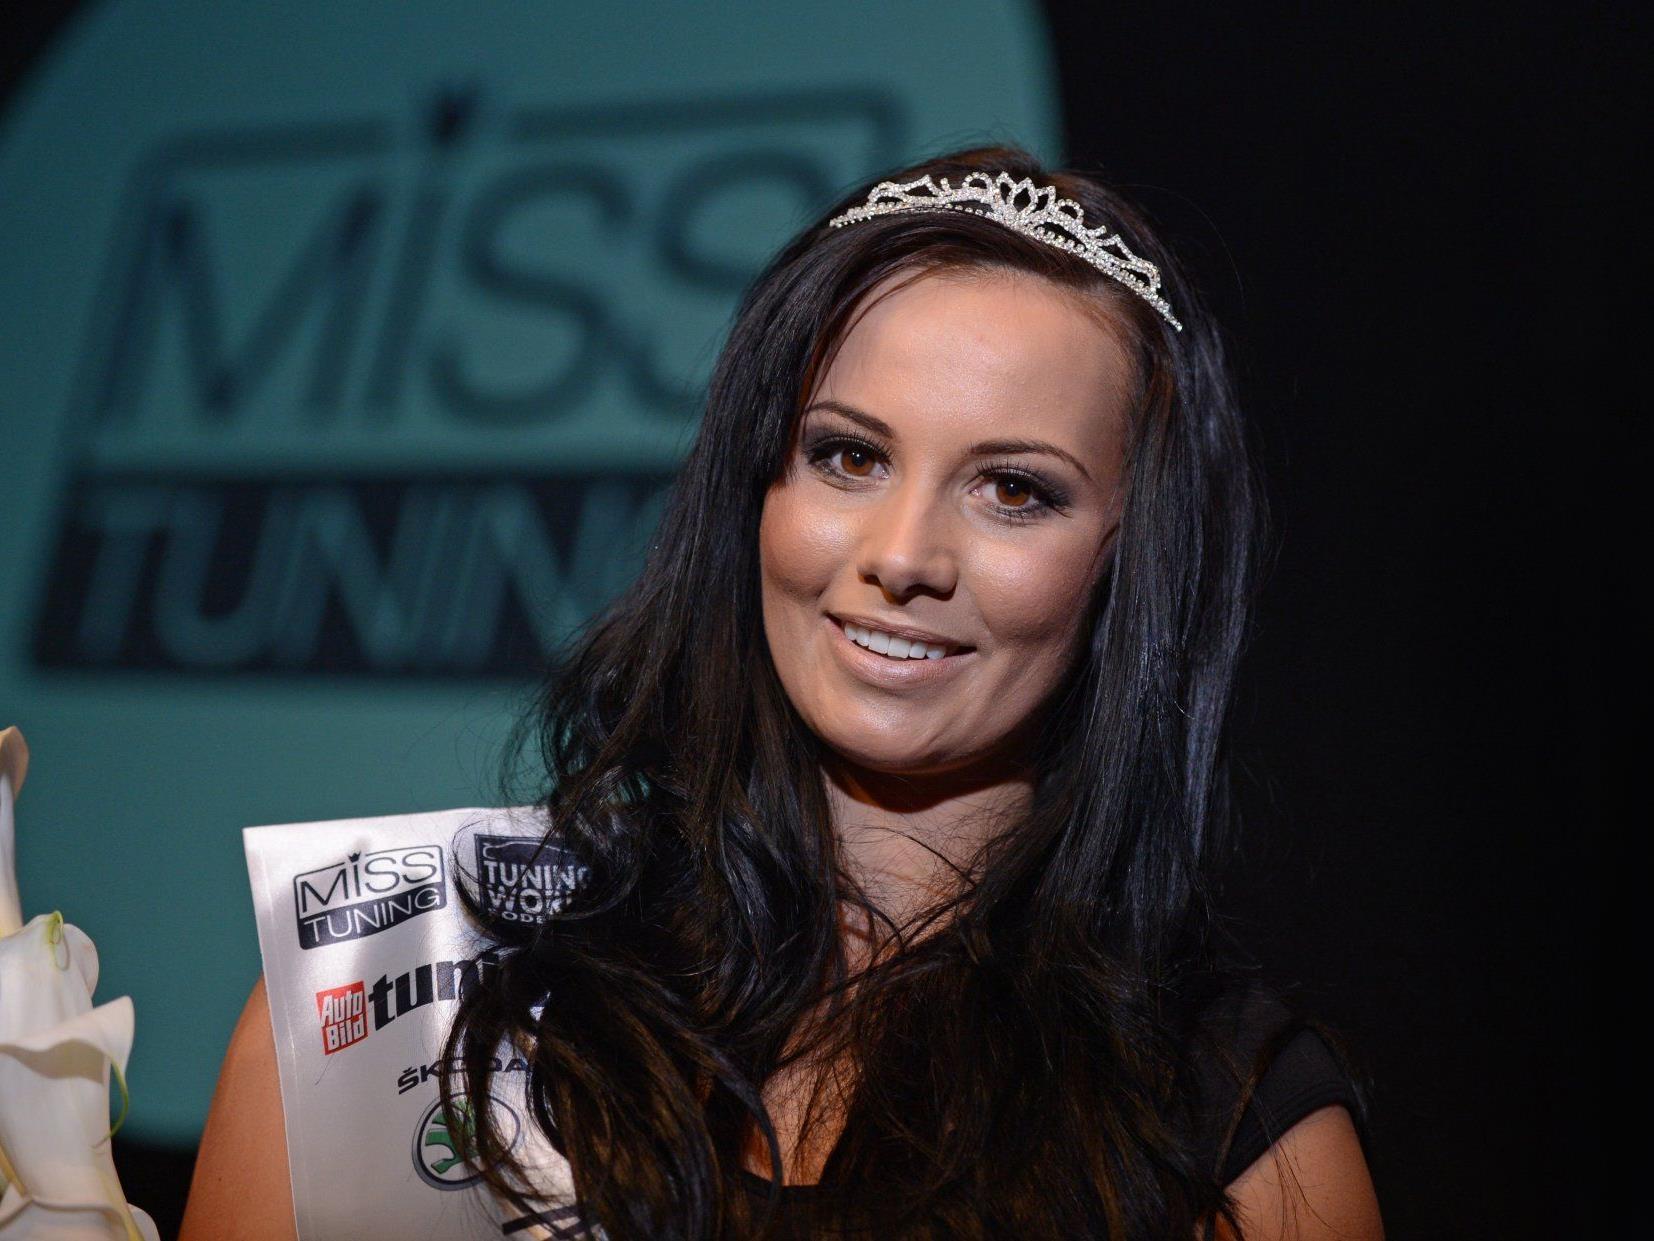 Die heißesten Kurven wurden gekürt - Frizzi Arnold ist die neue Miss Tuning 2012